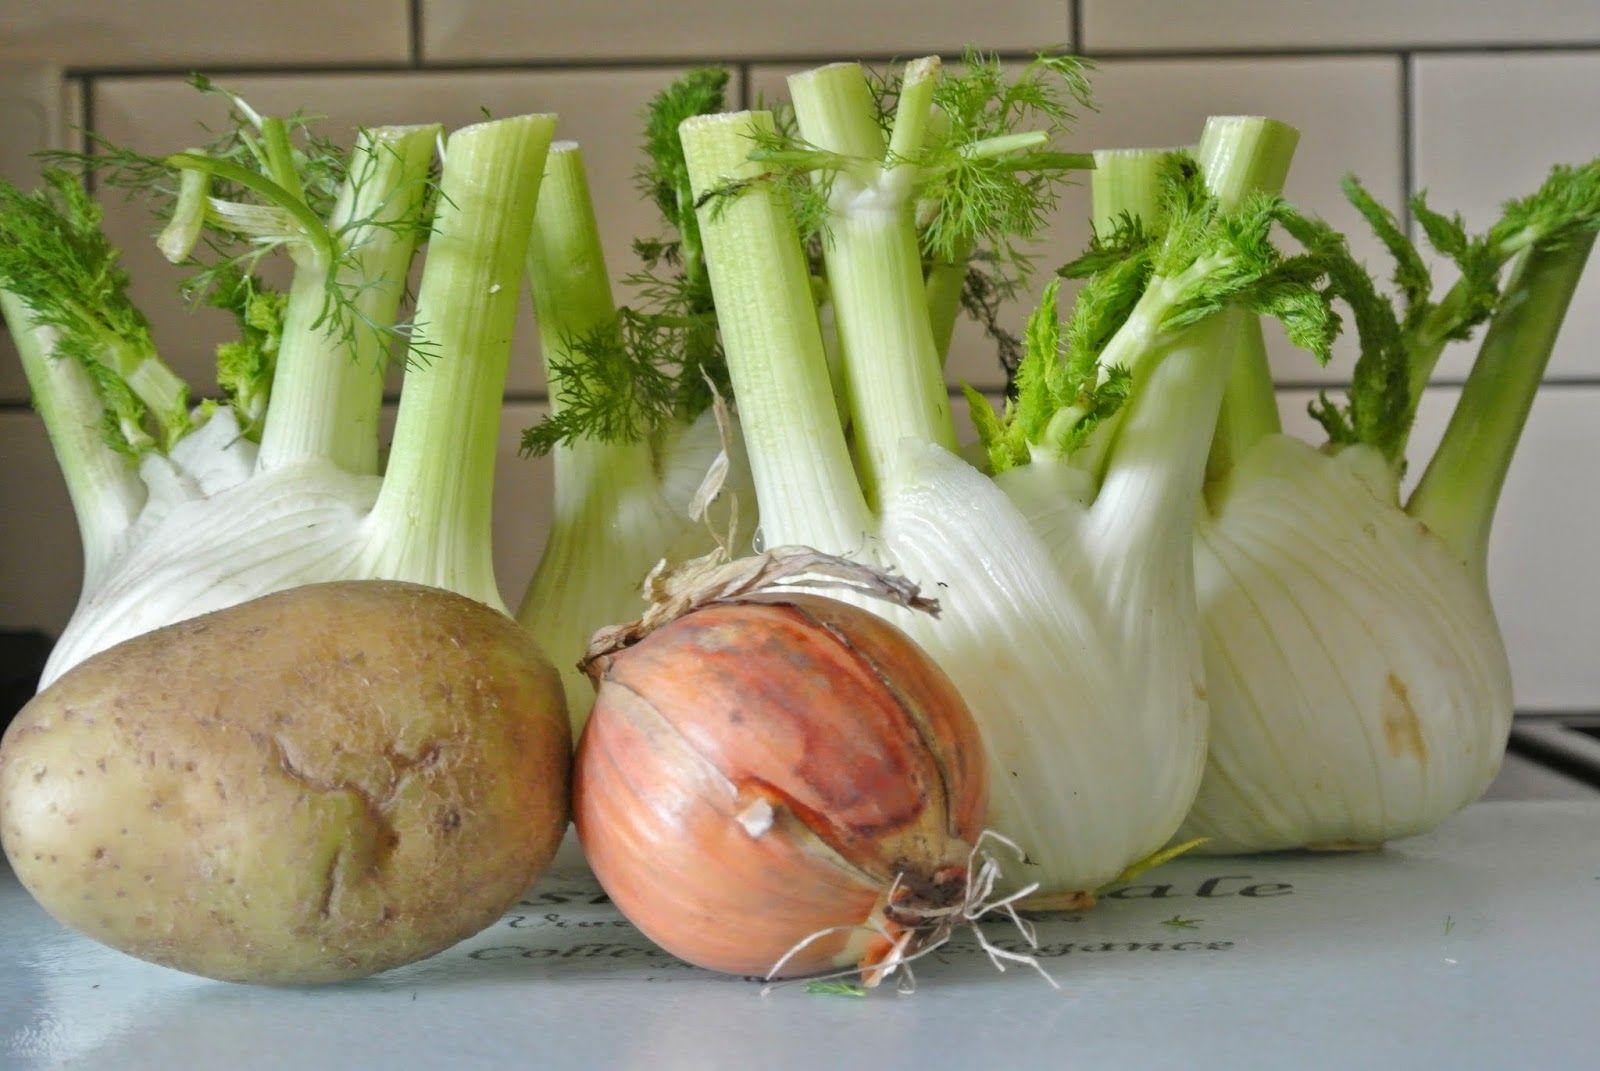 Ik kook al eens graag met minder evidente groenten. Zo was er vorige week venkel te koop in de L*dl voor een spotprijs. Dit kon ik niet laten liggen natuurlijk. Venkel heeft een wat anijsachtige smaak